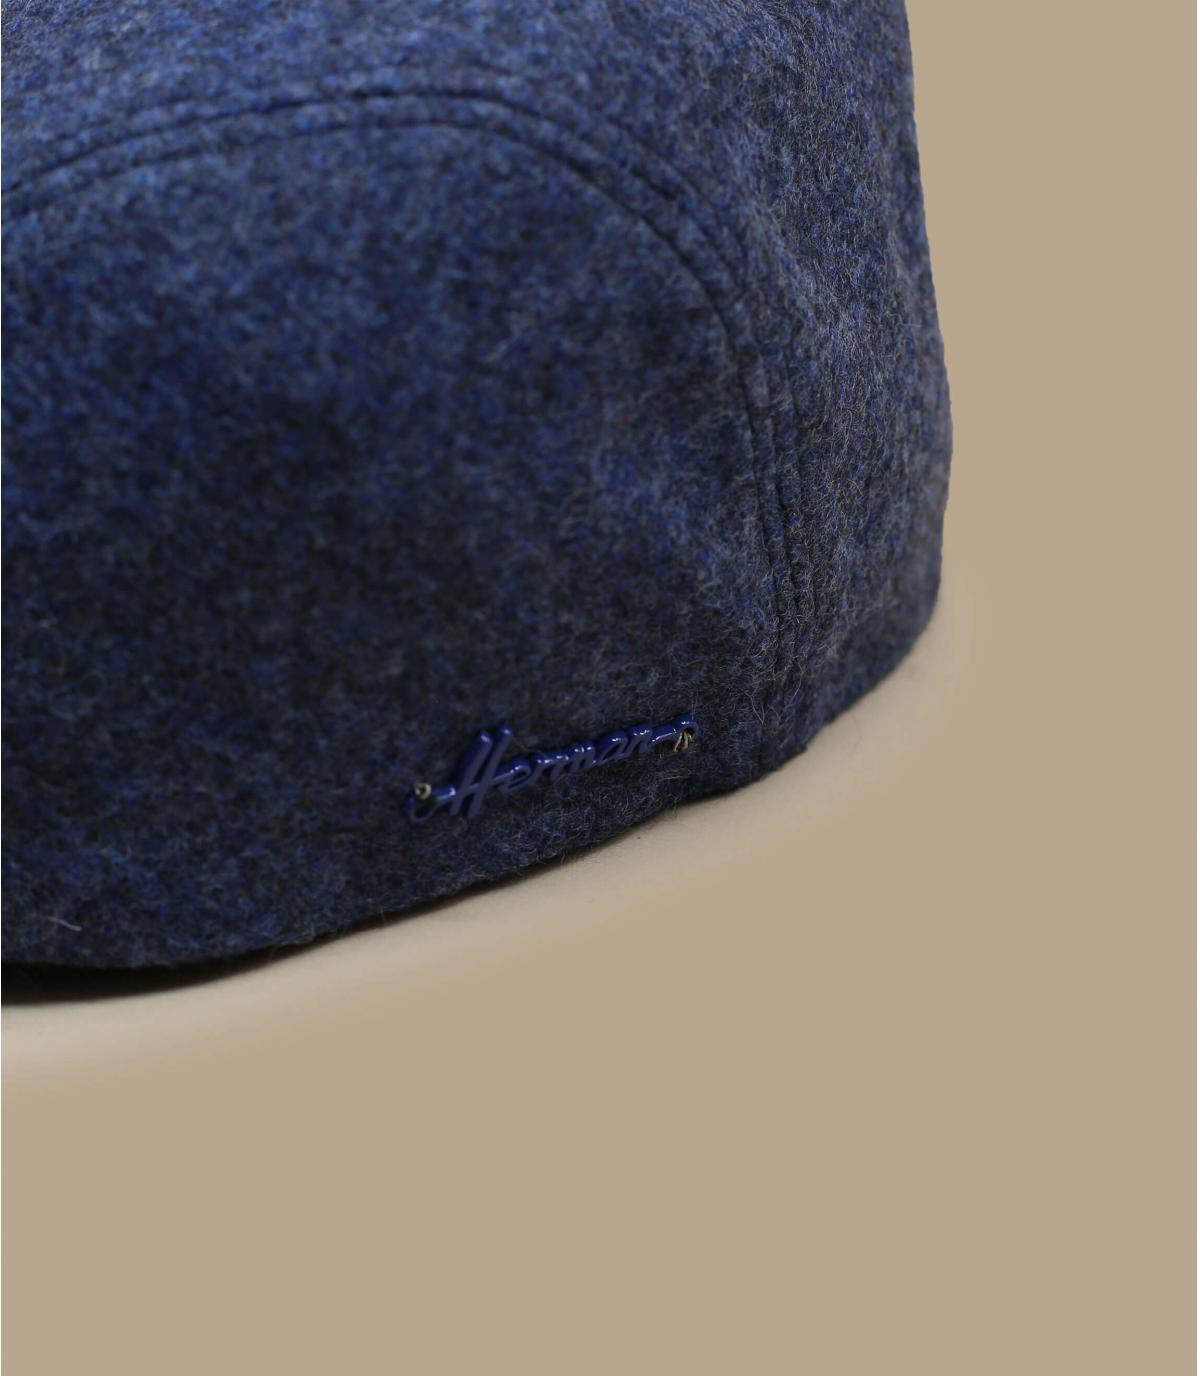 Détails Range wool EF blue - image 2